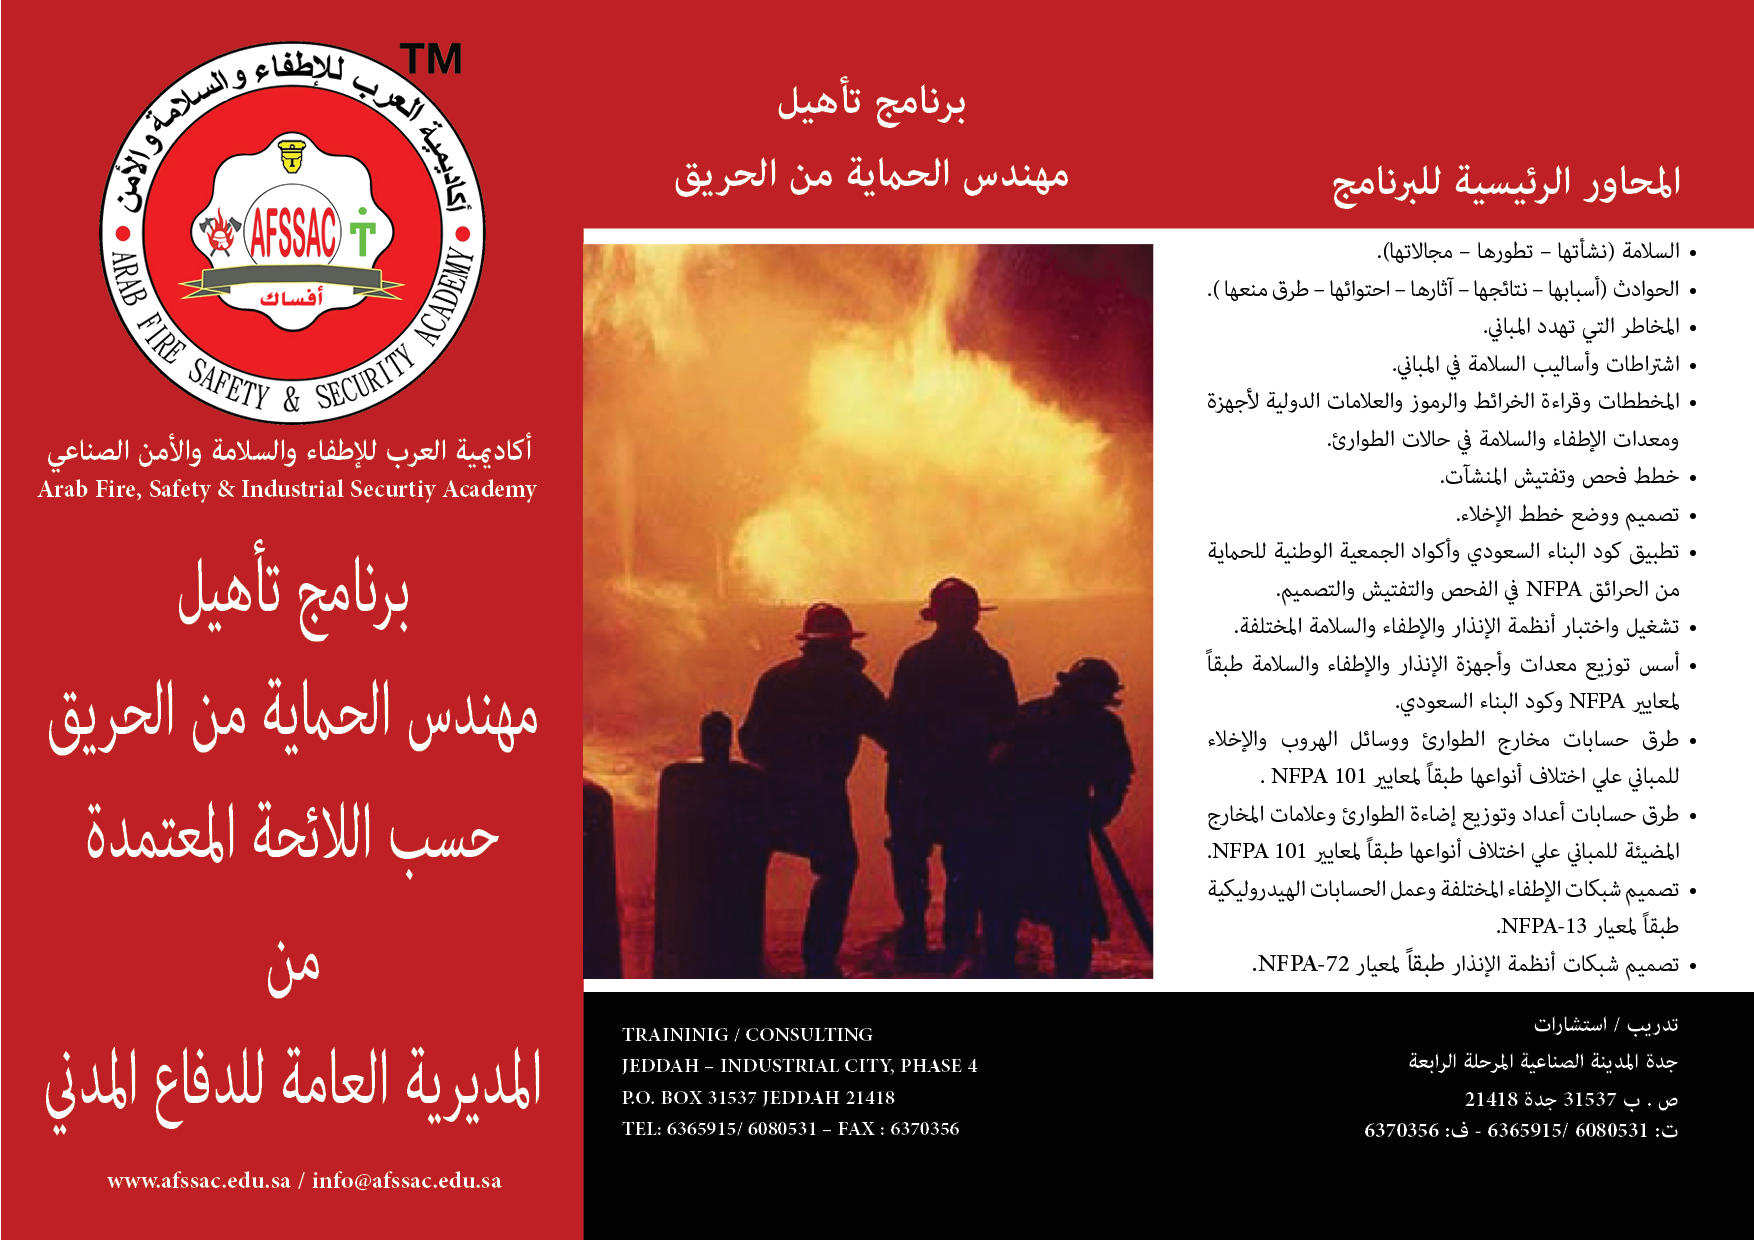 برنامج تأهيل مهندس الحماية من الحريق حسب اللائحة المعتمدة من الدفاع المدني أكاديمية العرب للاطفاء والسلامة والامن Arab Academy